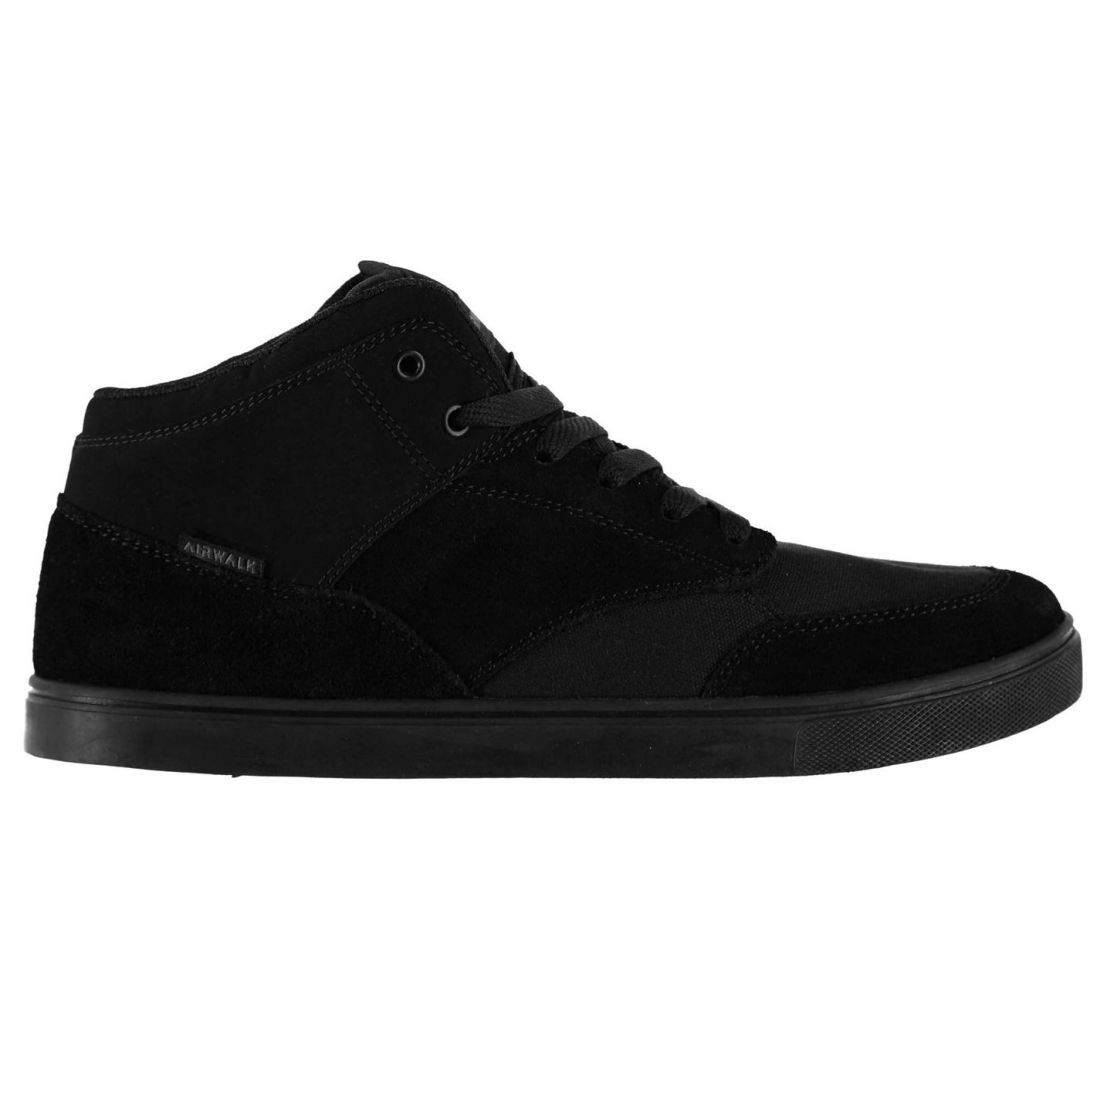 Airwalk Mens Gents Breaker Mid Skate Shoes Laces Fastened Flat Sole Footwear